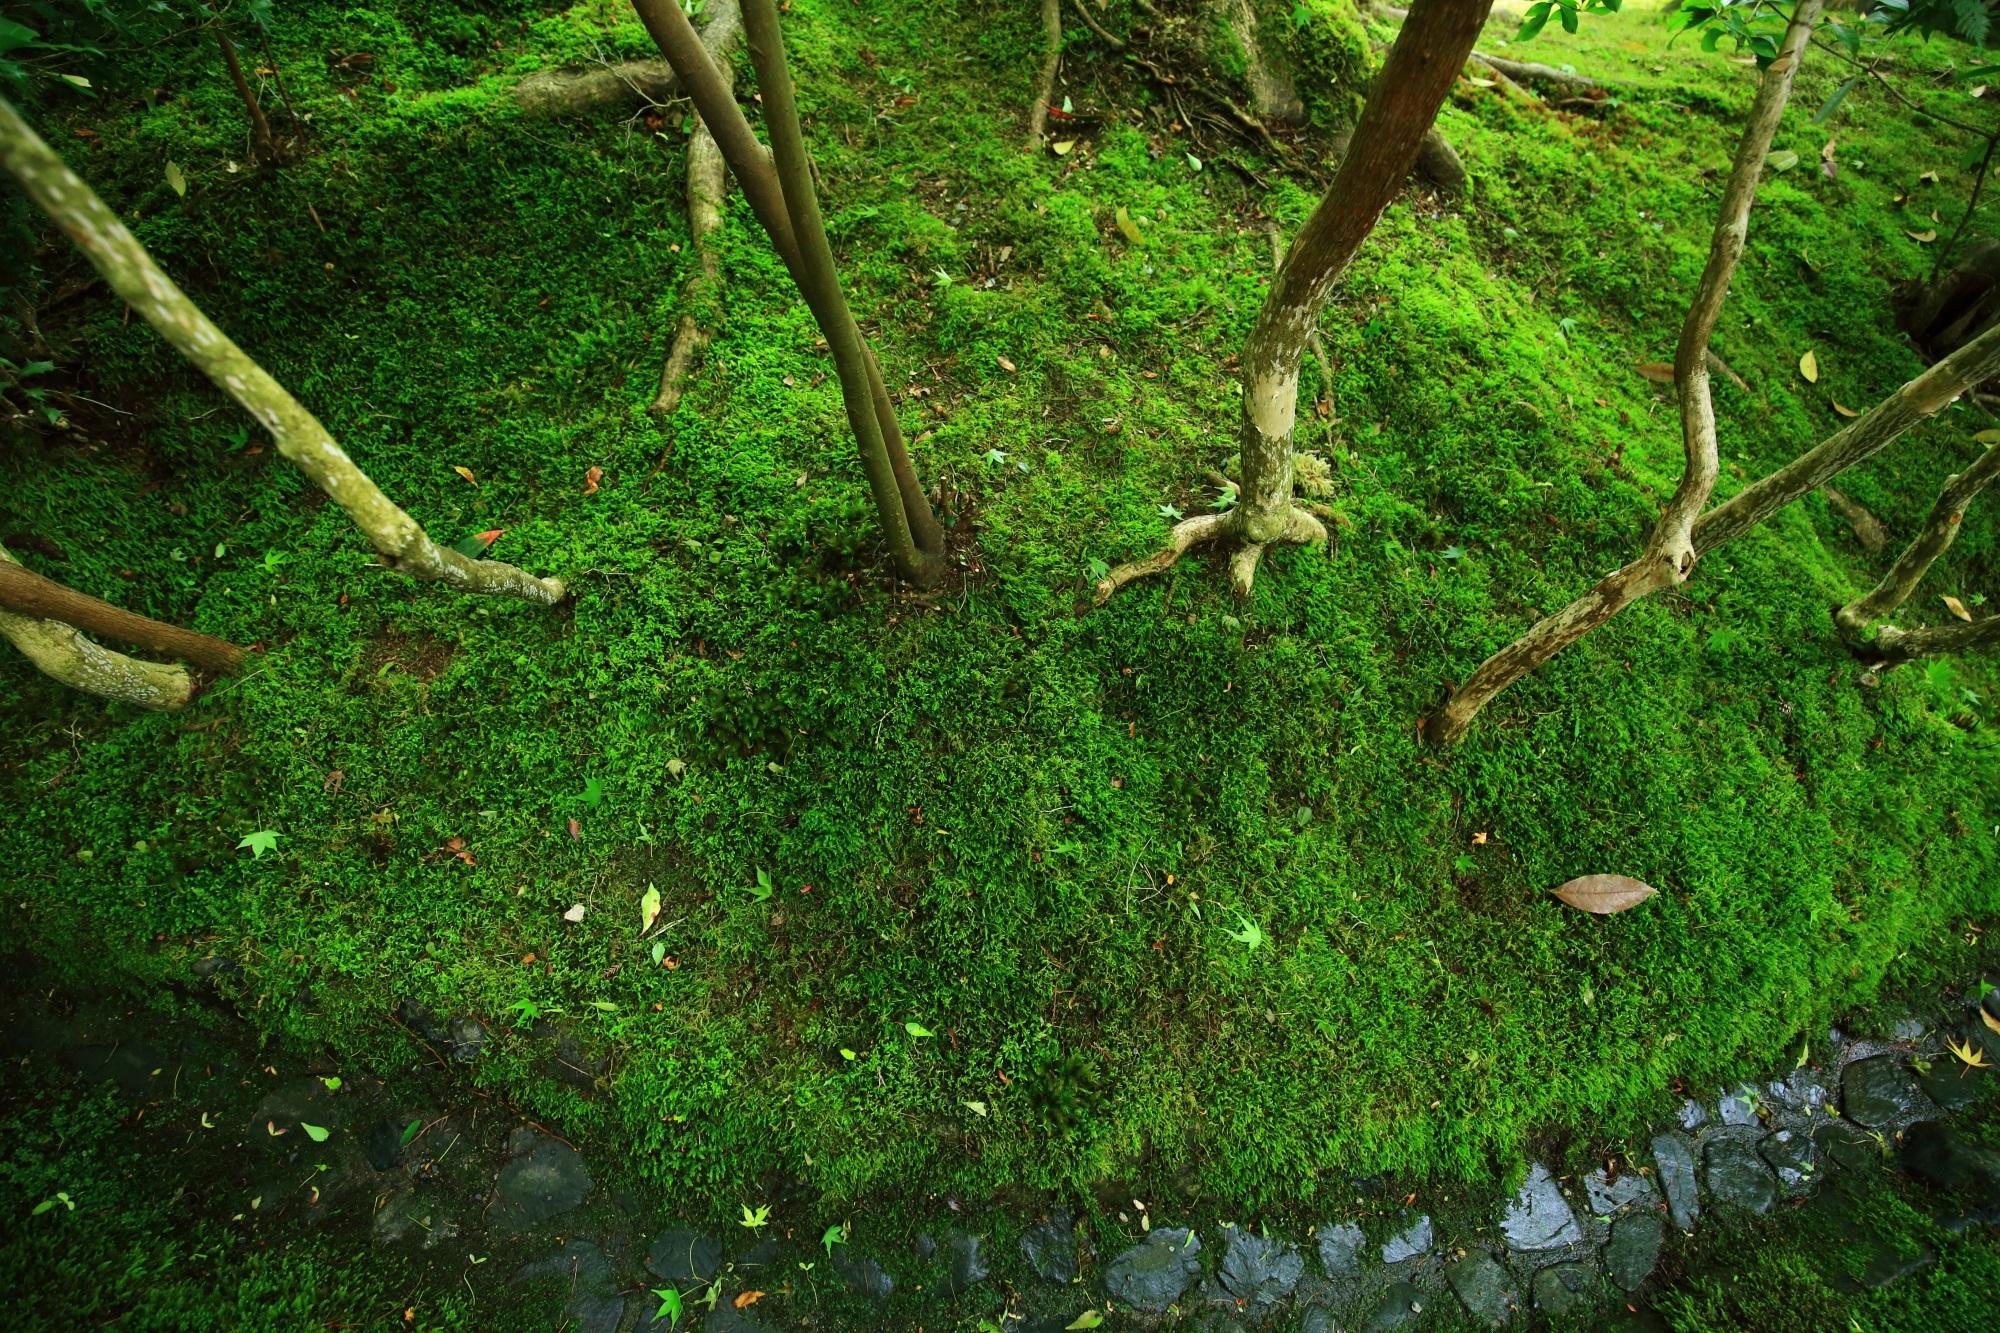 瑠璃光院 写真 高画質 山露路の庭 苔